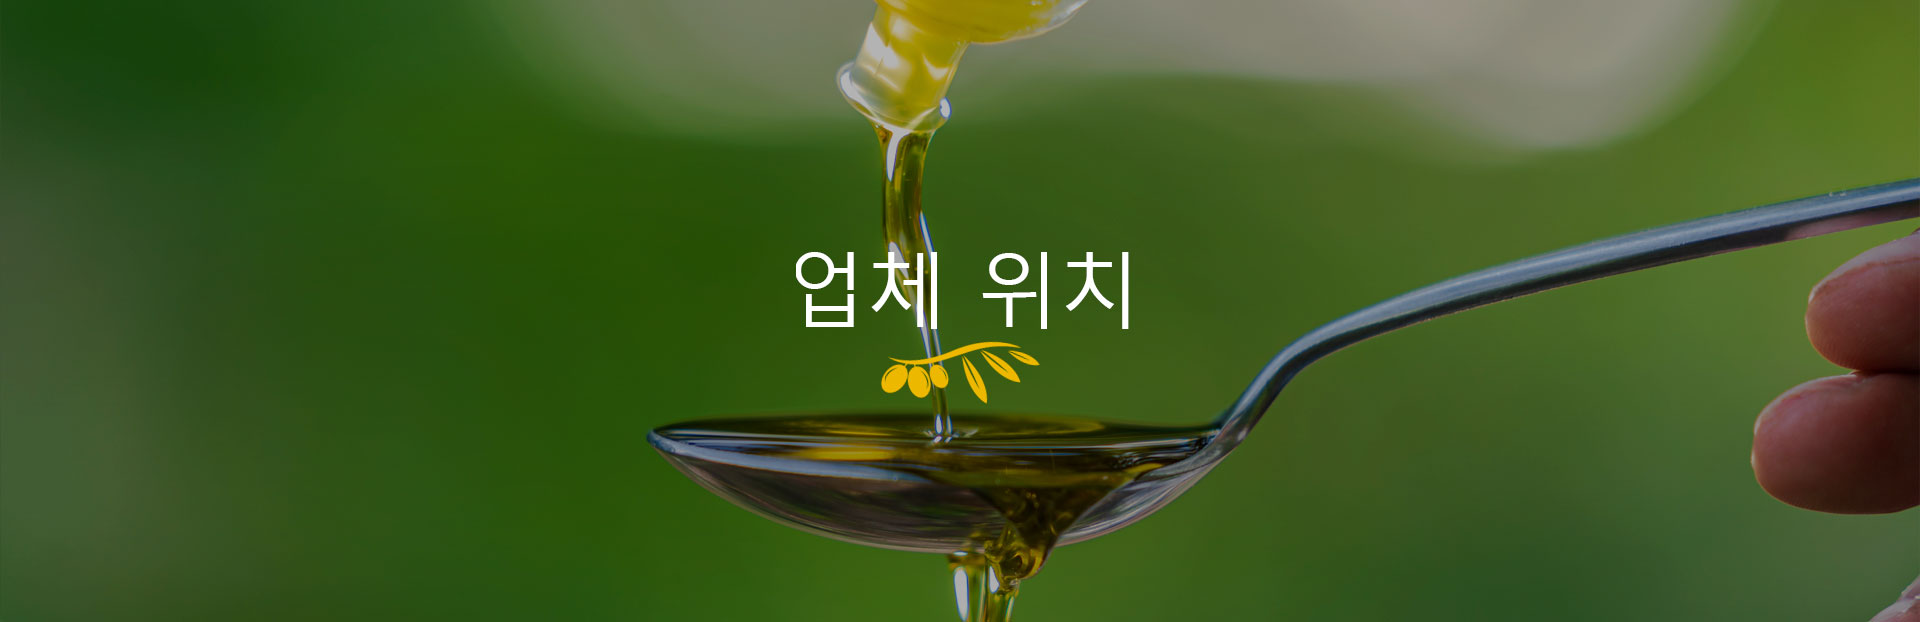 AceitesUnicos_slider_dondeencontrarnos_koreano